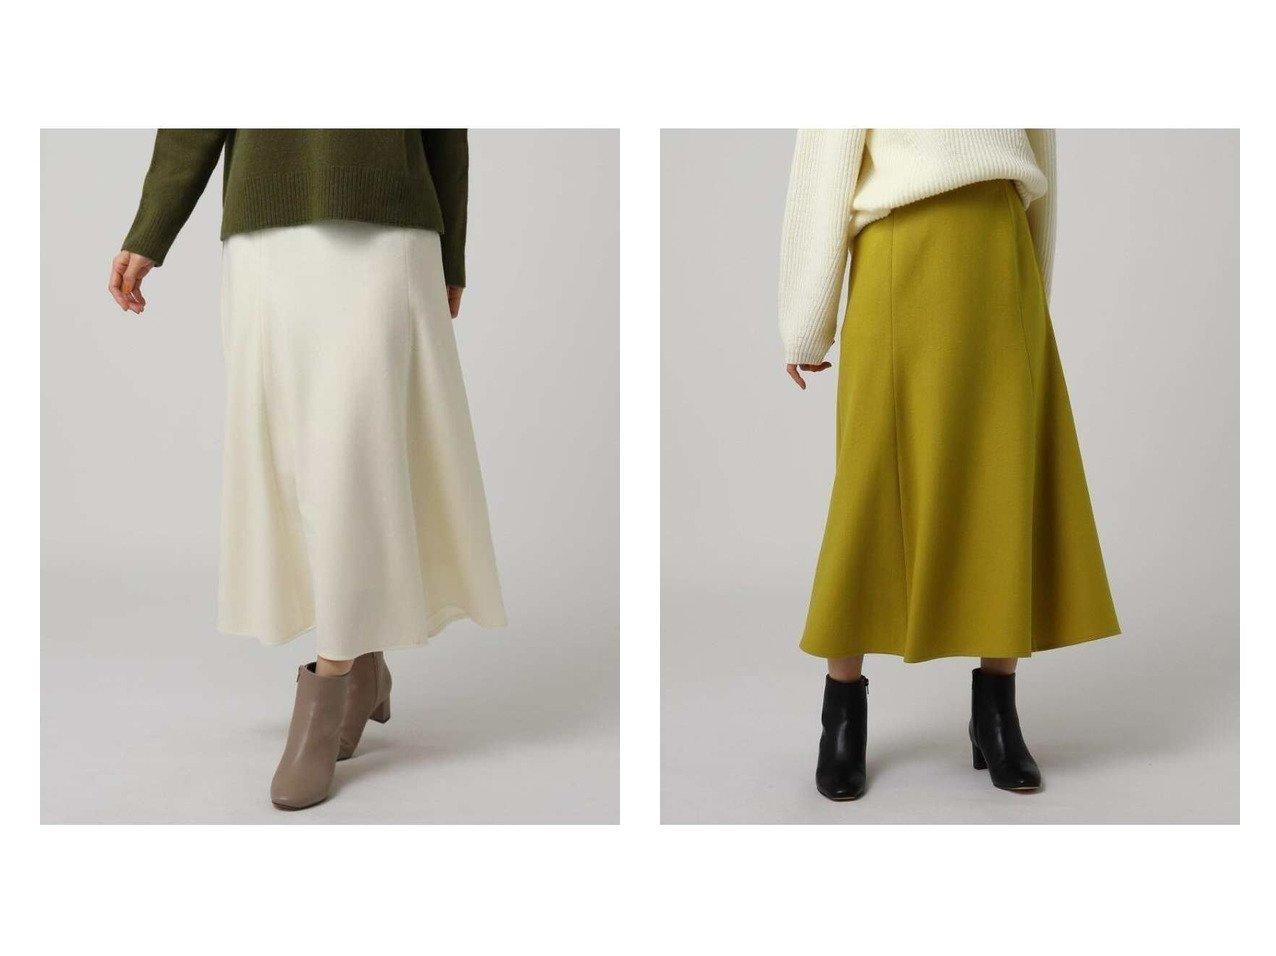 【UNTITLED/アンタイトル】のルミナリーミルドジャージマーメイドスカート スカートのおすすめ!人気、トレンド・レディースファッションの通販  おすすめで人気の流行・トレンド、ファッションの通販商品 メンズファッション・キッズファッション・インテリア・家具・レディースファッション・服の通販 founy(ファニー) https://founy.com/ ファッション Fashion レディースファッション WOMEN スカート Skirt フィット マーメイド |ID:crp329100000015604